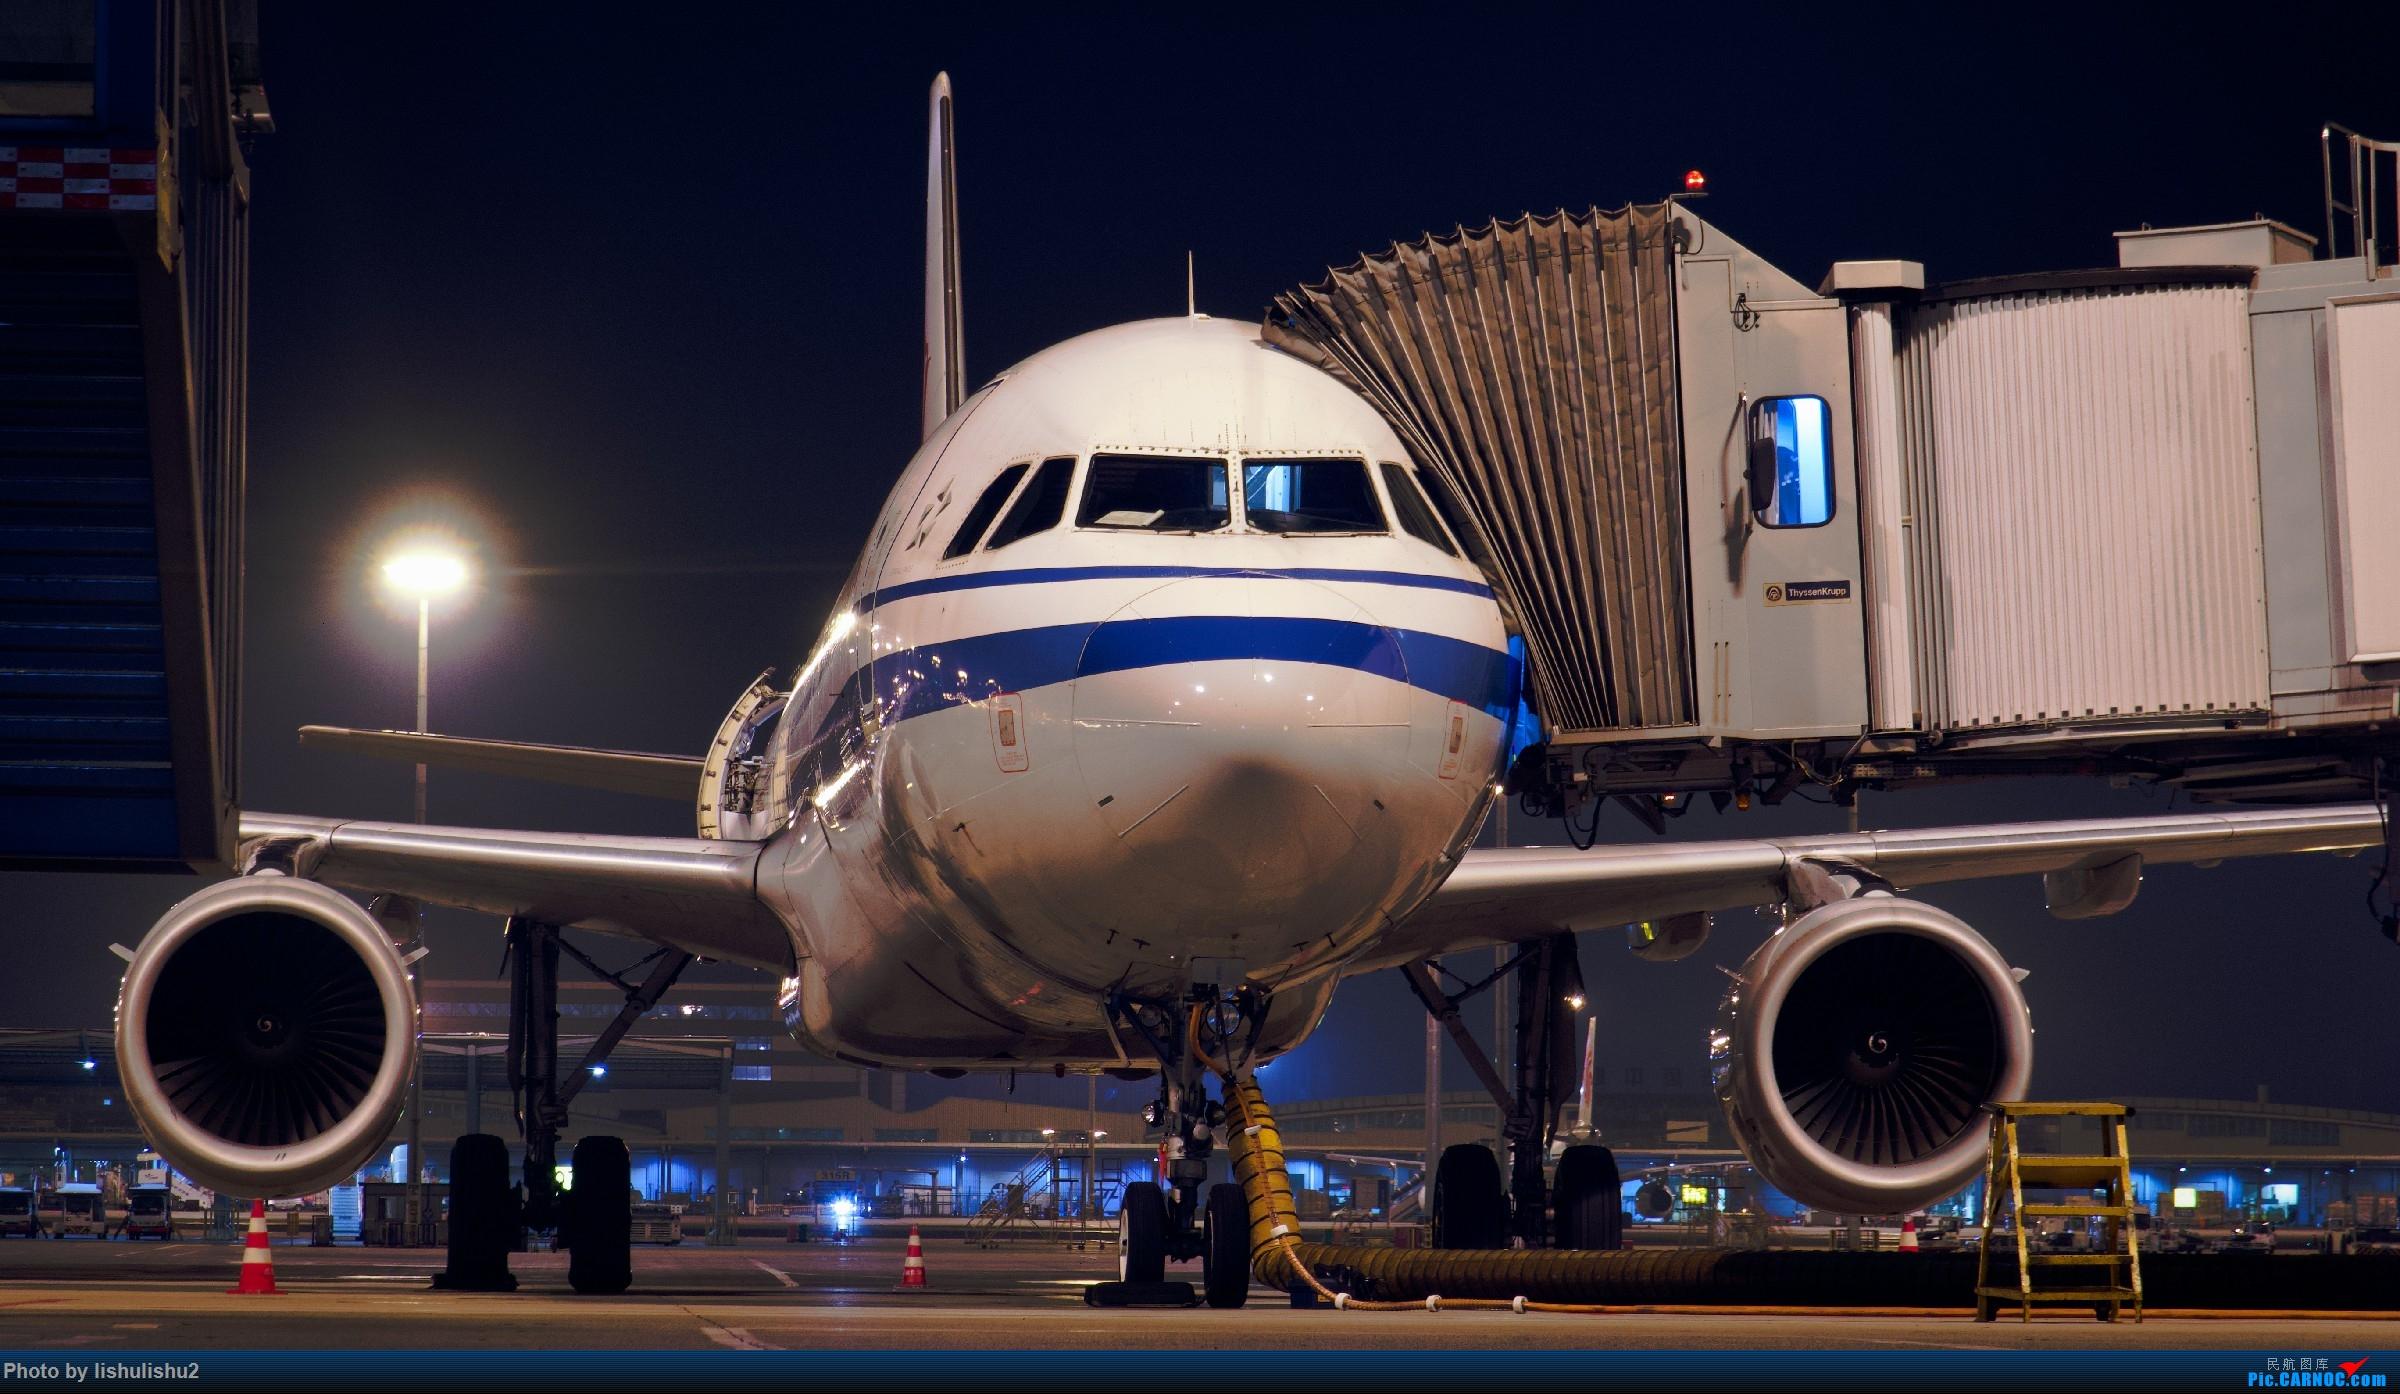 [原创]【CTU】成都内场夜拍 AIRBUS A330-200